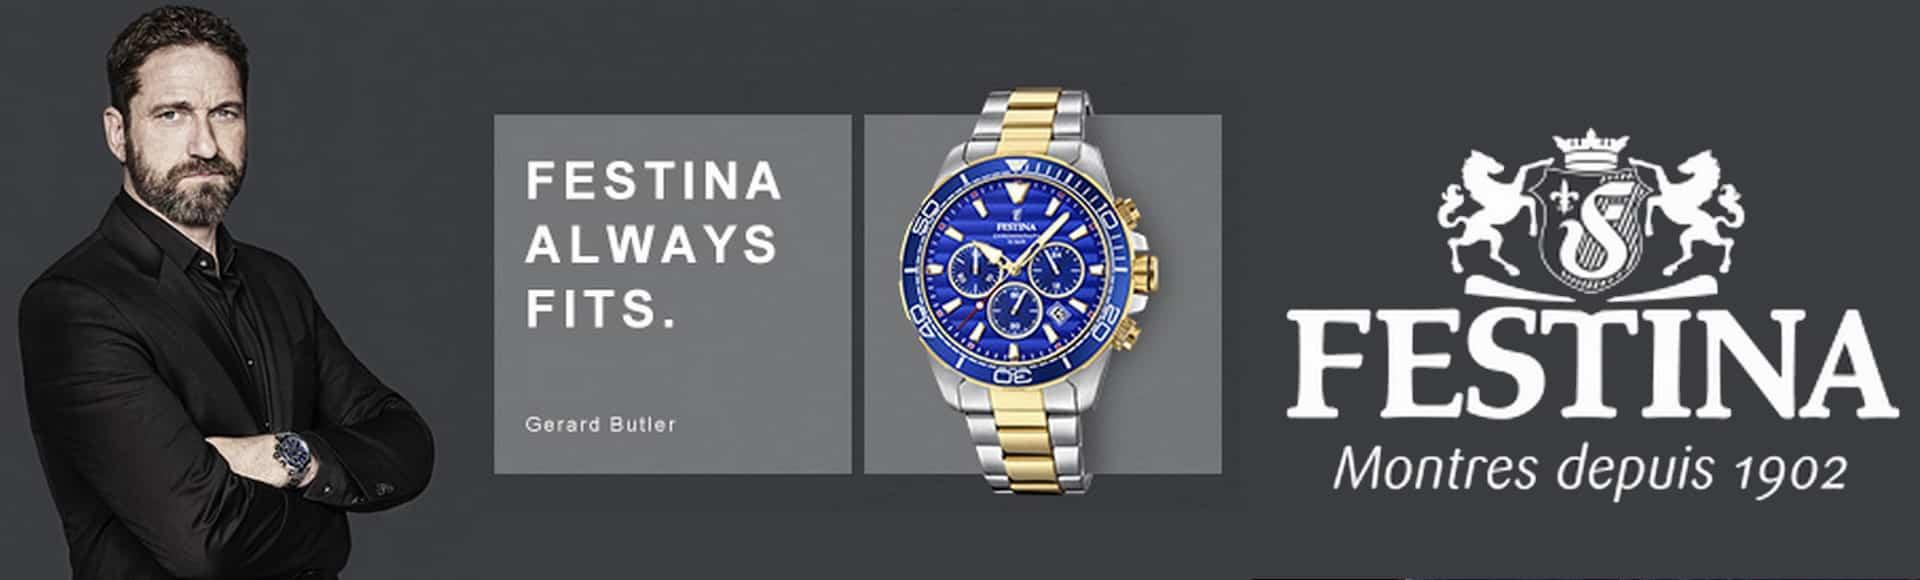 vente-montre-de-marque-festina-pour-homme-et-femme-montre-tunisie-meilleure-prix-mykenza.jpg